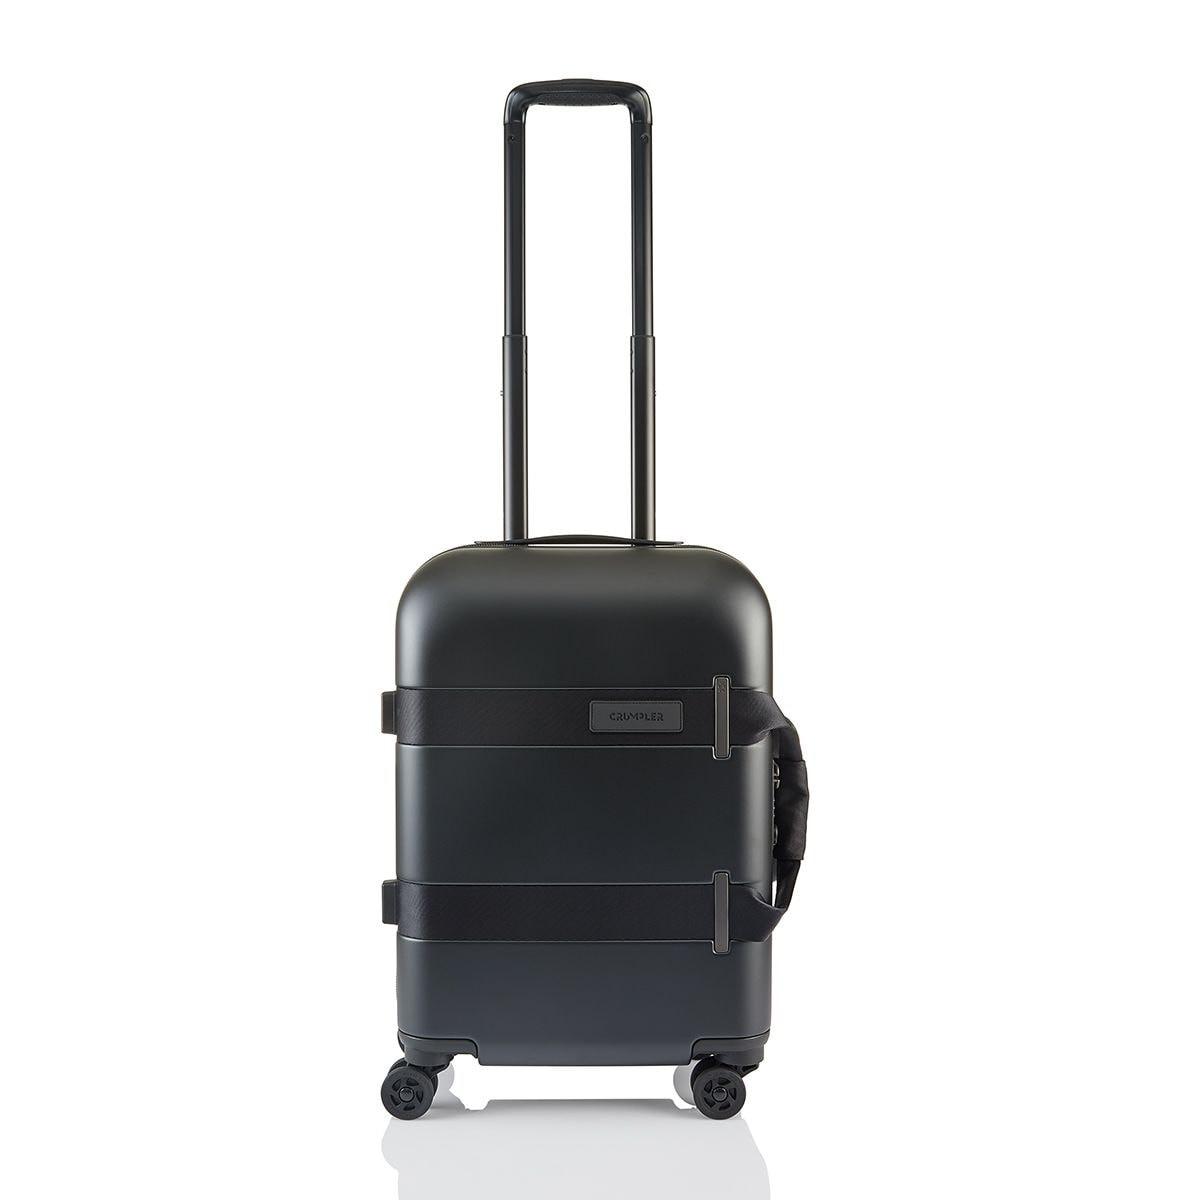 crumpler suitcase